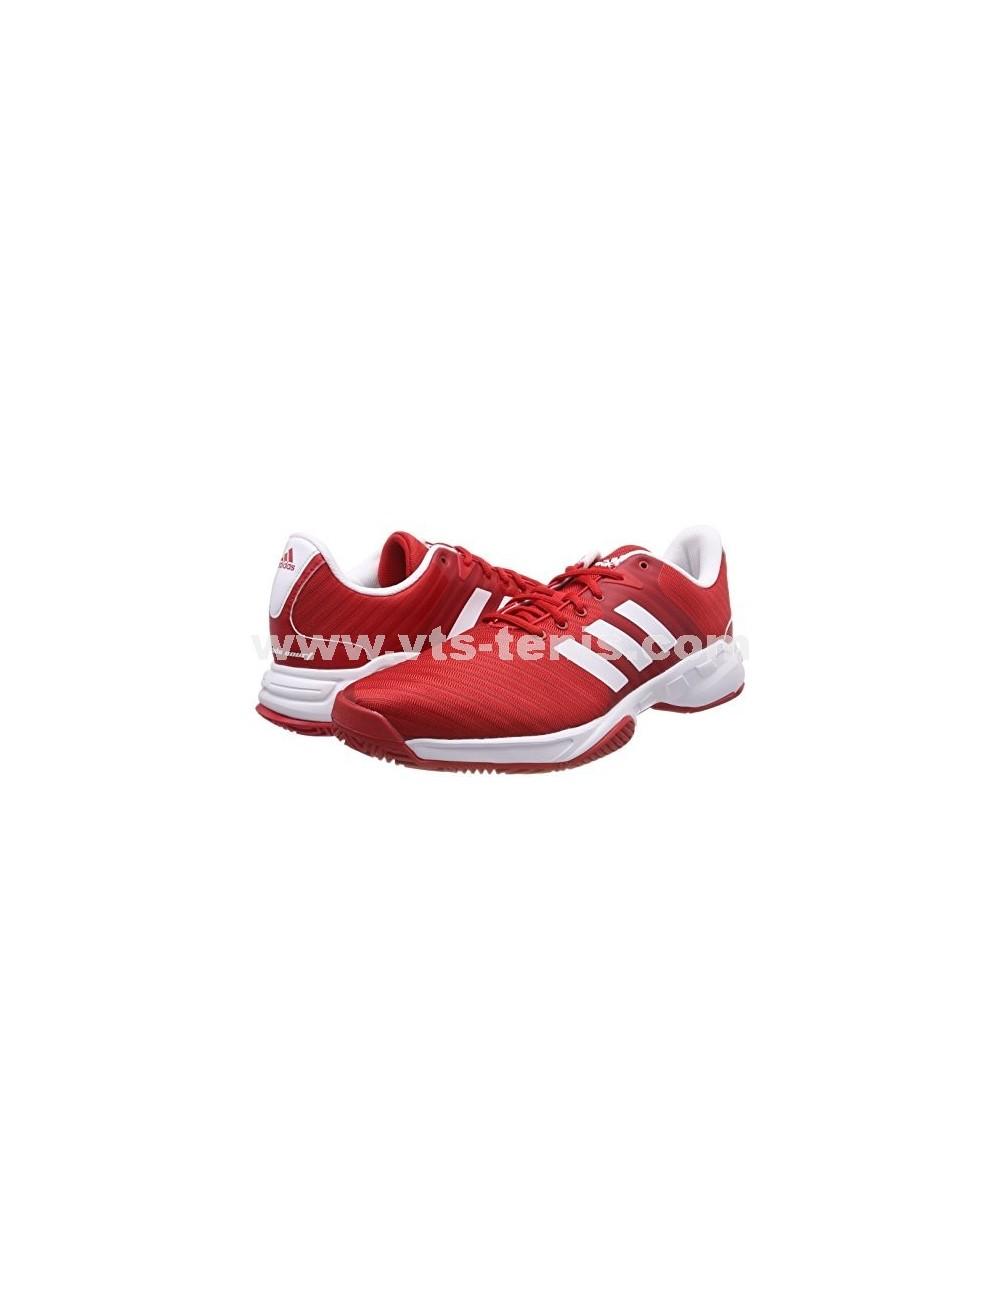 Zapatilla hombre Adidas barricade court 3 Colores combinados RojoBlanco Talla eur hombre 44.5